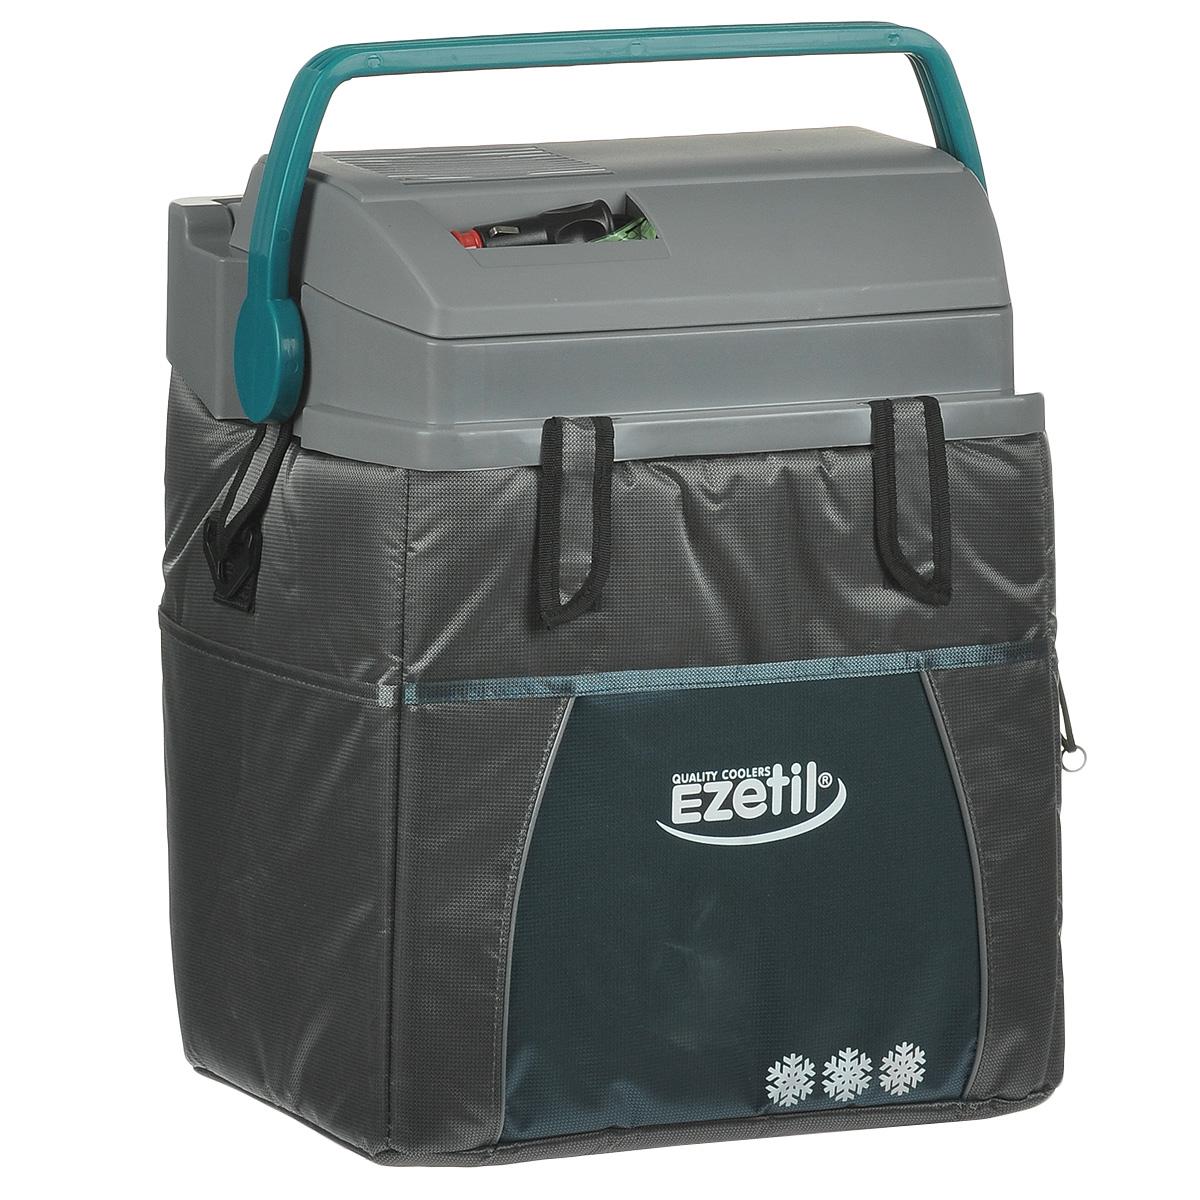 Термоэлектрический контейнер охлаждения Ezetil ESC 21 12V, цвет: серый, 19,6 л875591Термоэлектрический контейнер охлаждения Ezetil предназначен для использования в салоне автомобиля в качестве портативного холодильника. Контейнер выполнен из высококачественного пластика, корпус гладкий, эргономичного дизайна, ударопрочный; отделан прочной, легко моющейся тканью с боковыми карманами. Принцип действия термоэлектрического контейнера (холодильника) основан на свойстве полупроводниковых пластин, это свойство получило название эффект Пельтье. При протекании тока через полупроводниковую пластину одна сторона ее охлаждается (этой стороной пластина обращена внутрь контейнера), другая сторона - нагревается (эта сторона обращена наружу и охлаждается вентилятором). Дополнительный внутренний вентилятор в холодильной камере обеспечивает быстрое и равномерное охлаждение. Мощная, не нуждающаяся в техобслуживании охлаждающая система Peltier гарантирует оптимальную мощность охлаждения. Модель оснащена интеллектуальной системой энергосбережения. Изоляция с наполнителем...